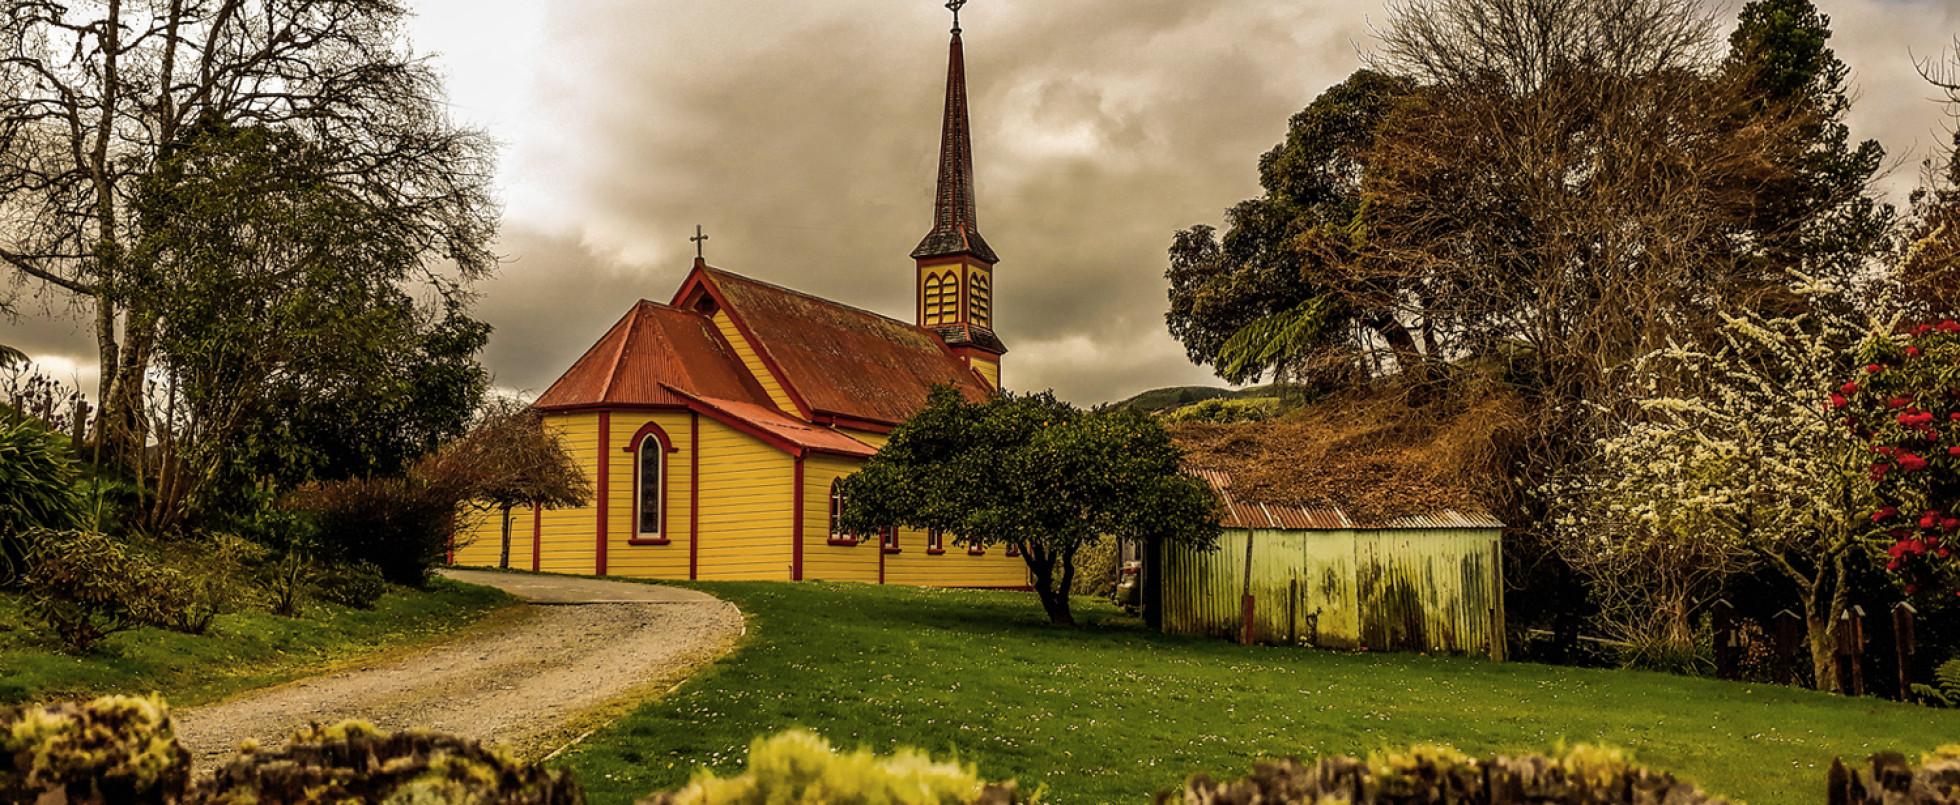 Jerusalem, New Zealand: How Far is Heaven